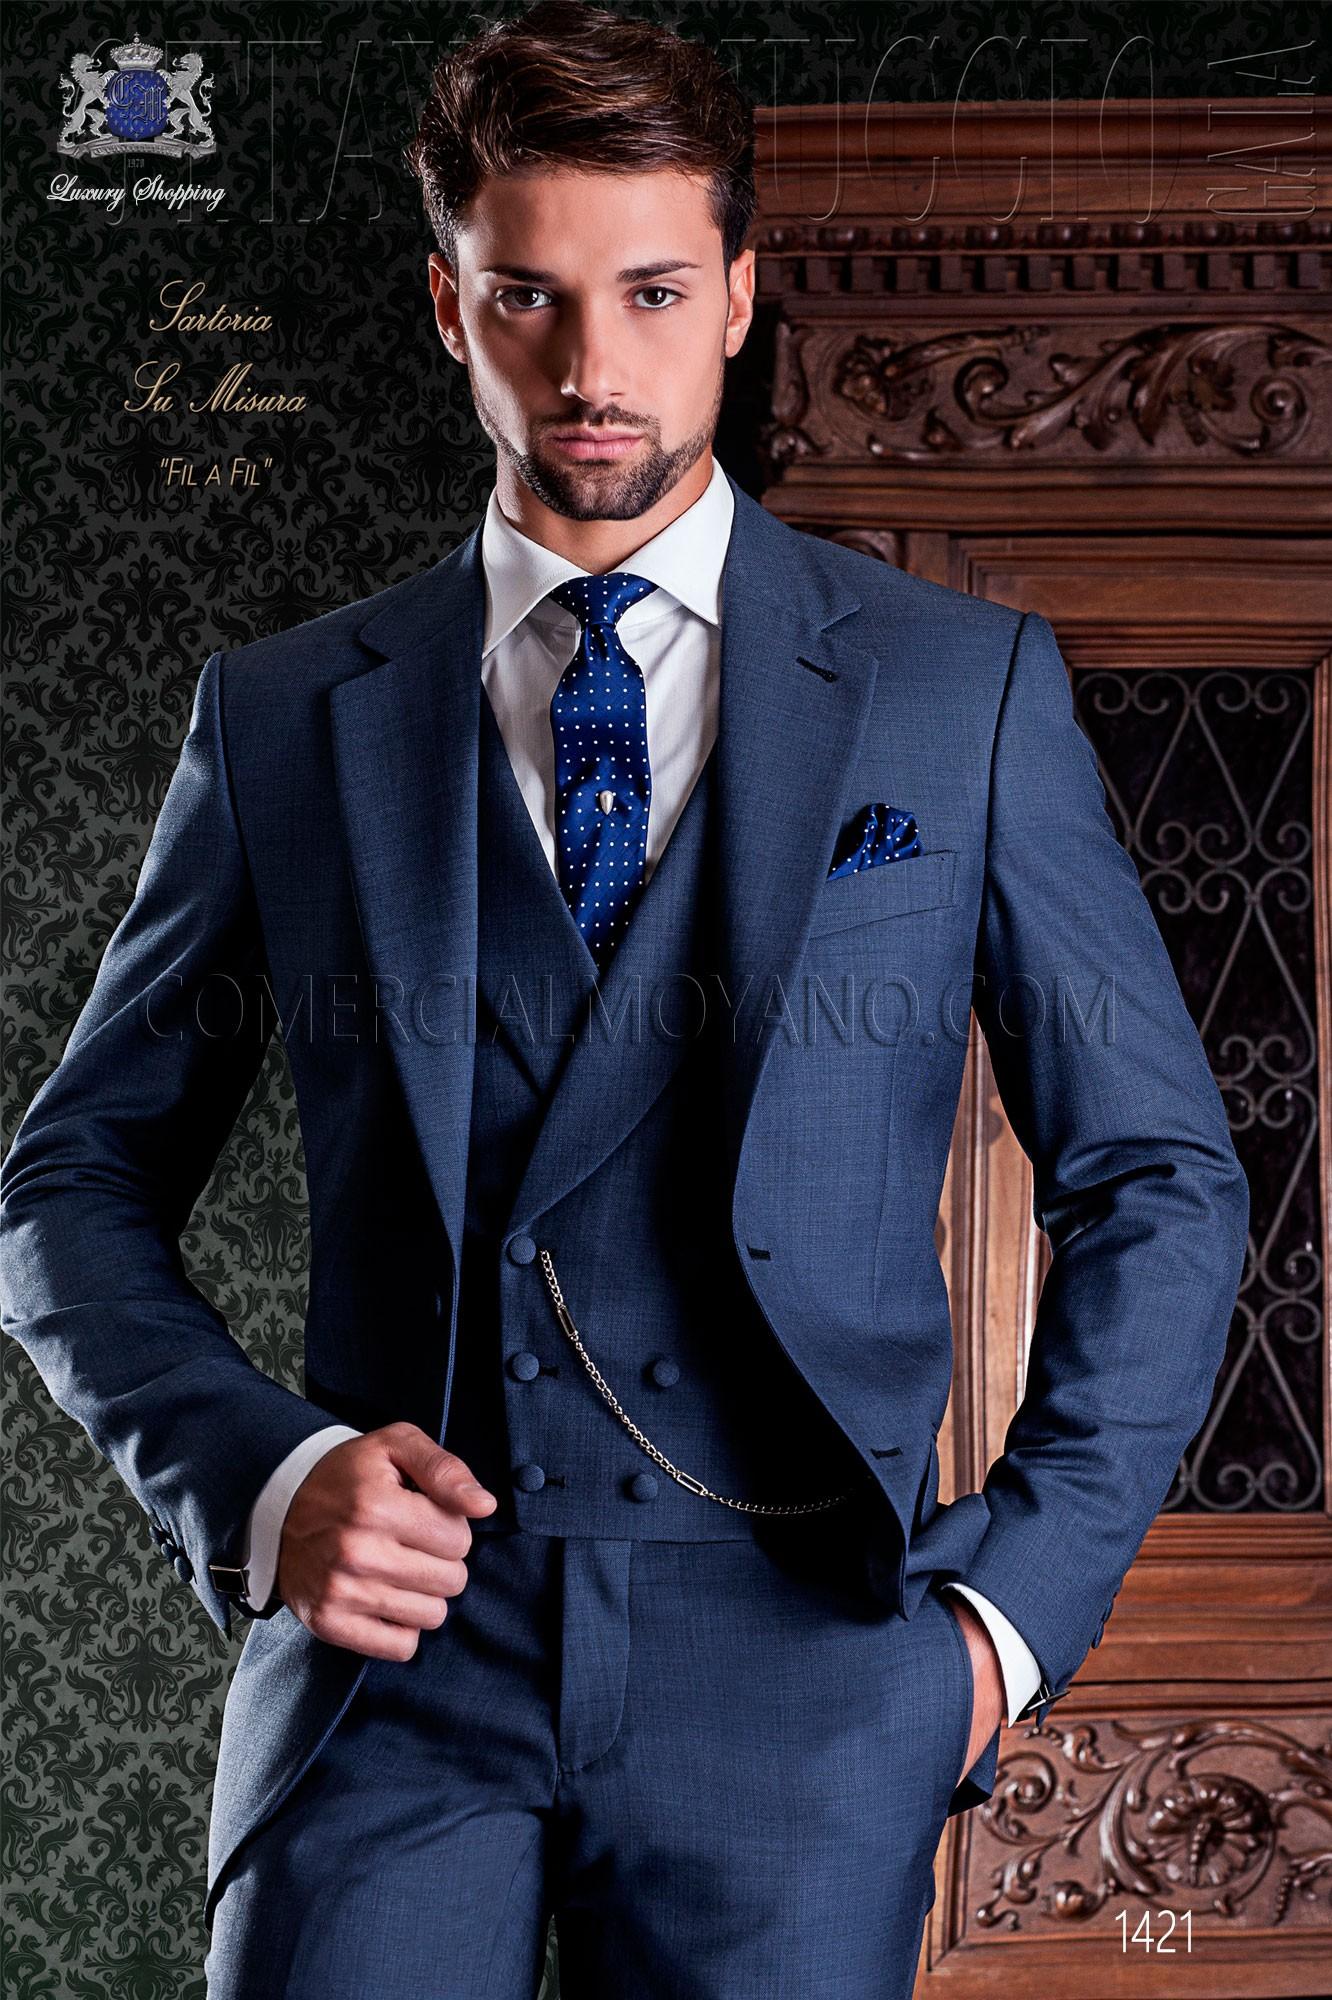 Italienisch Klassischer Blaue Hochzeitsanzug Ottavio Nuccio Gala